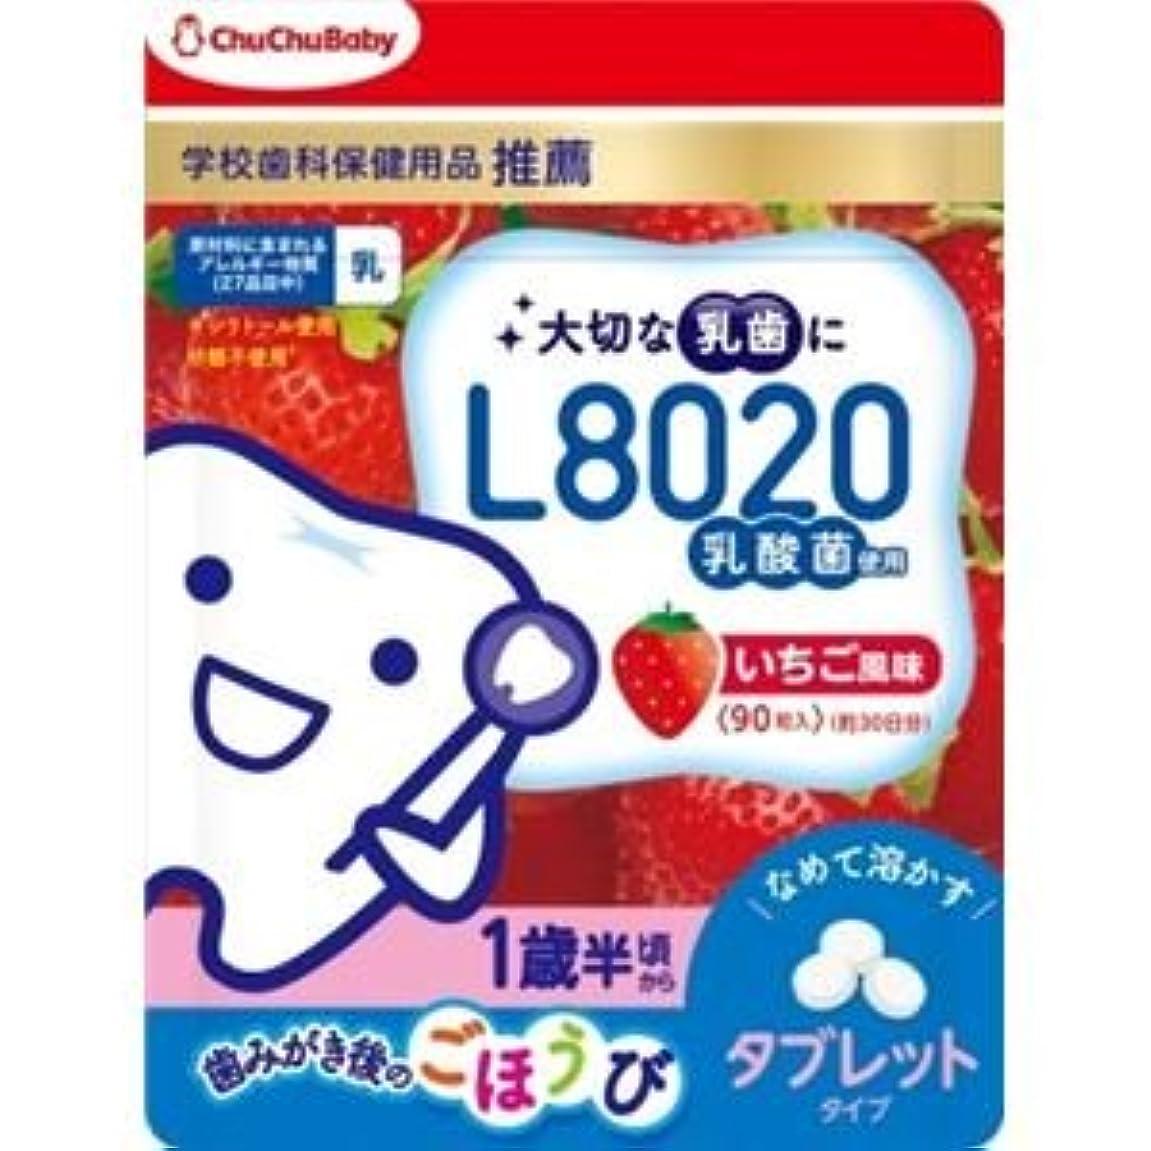 乱闘明快プレビスサイト(まとめ)ジェクス L8020乳酸菌チュチュベビータブレットいちご風味 【×3点セット】